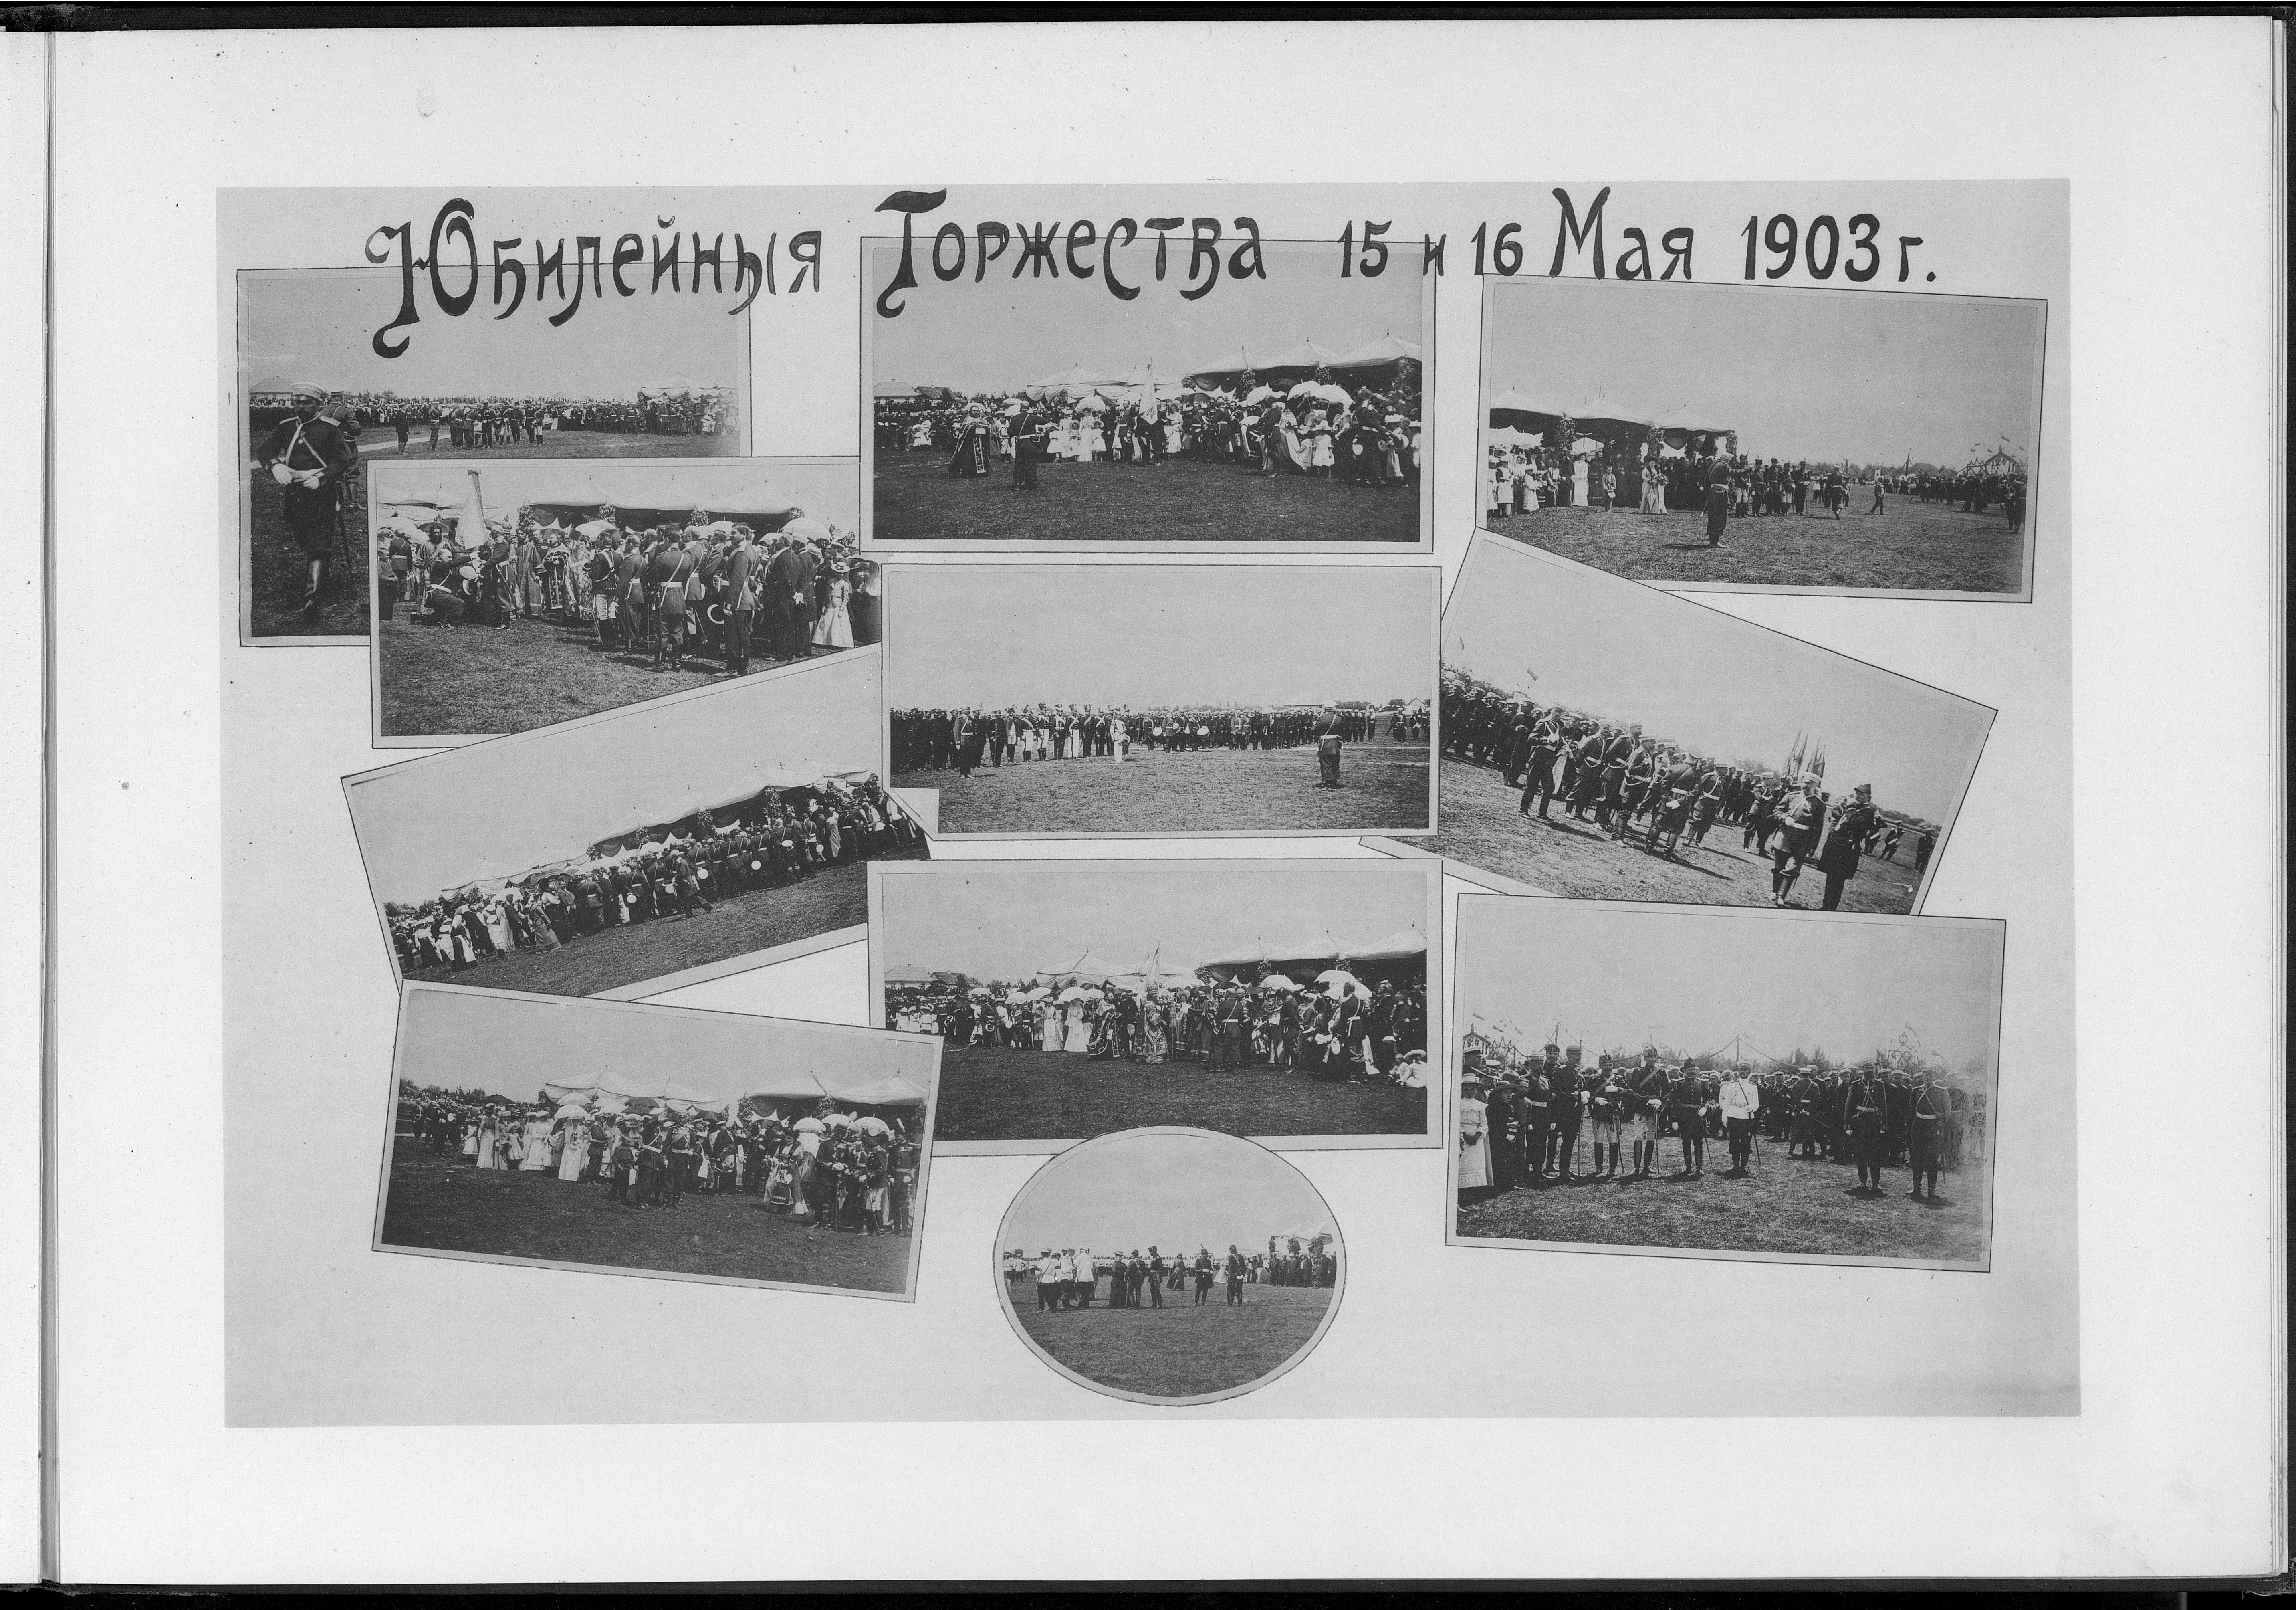 15. Юбилейные торжества 15 и 16 мая 1903